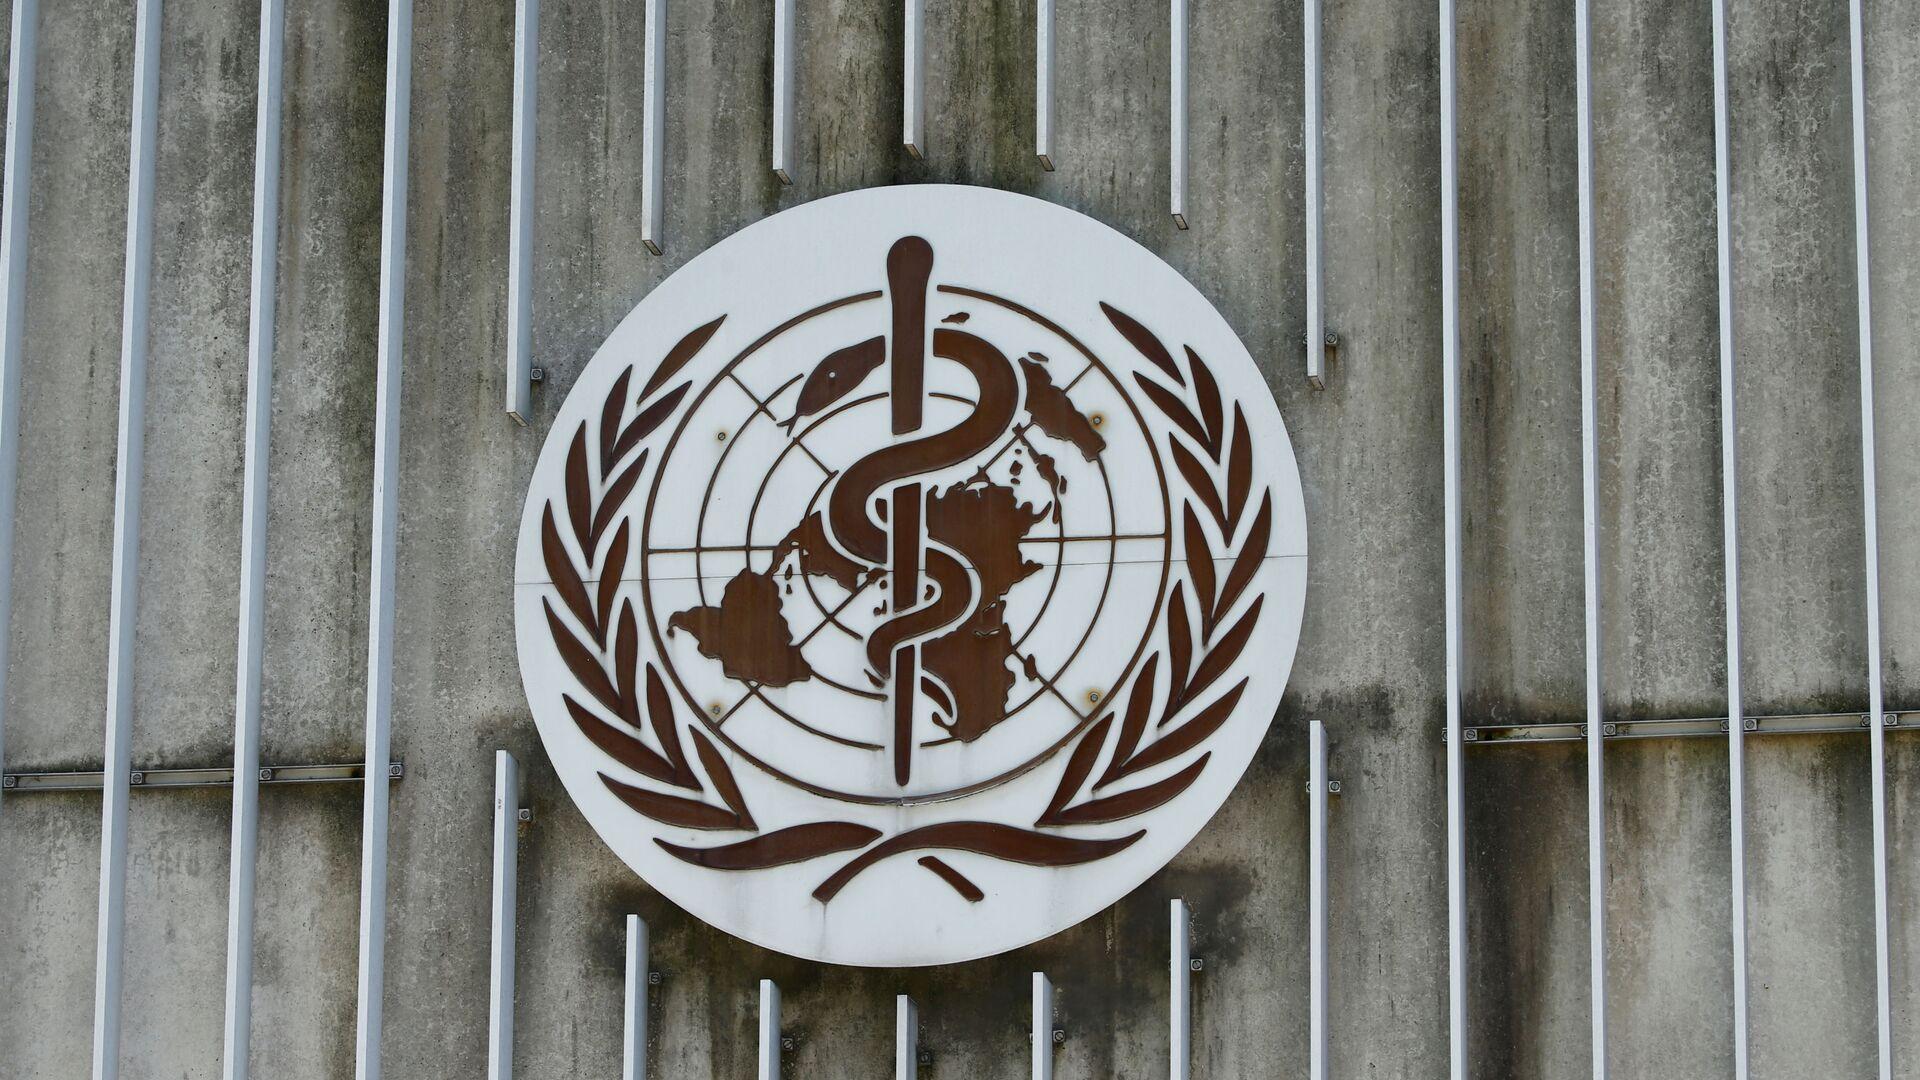 Dünya Sağlık Örgütü (DSÖ) - Sputnik Türkiye, 1920, 02.07.2021